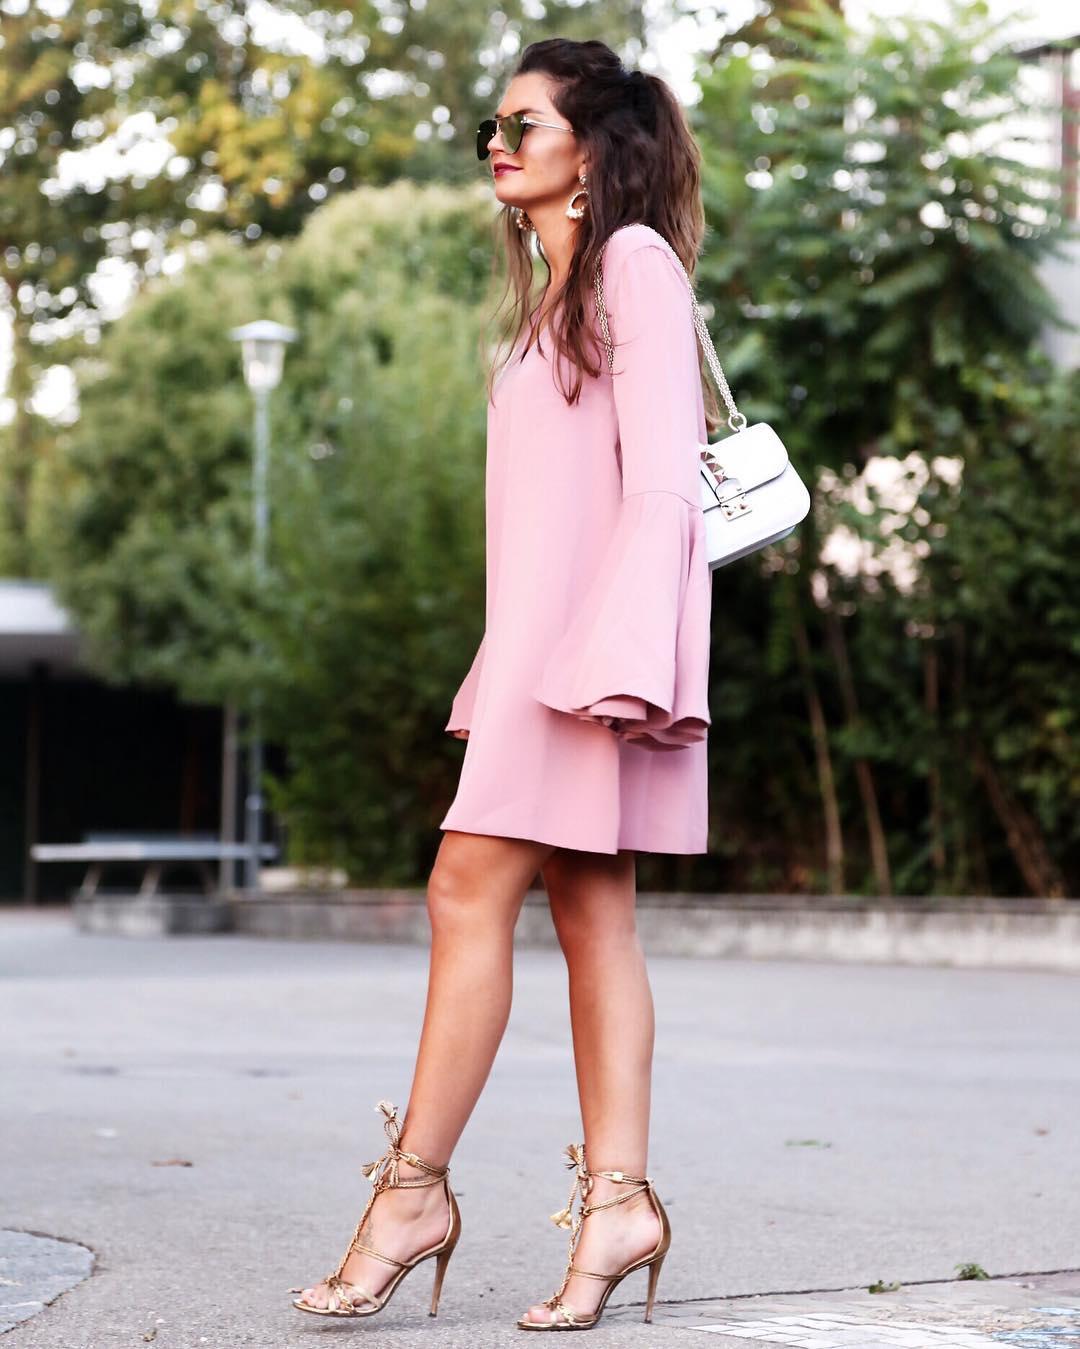 (1) Сакате да изгледате поатрактивно? 5 модни трикови што ќе ви помогнат во оваа цел